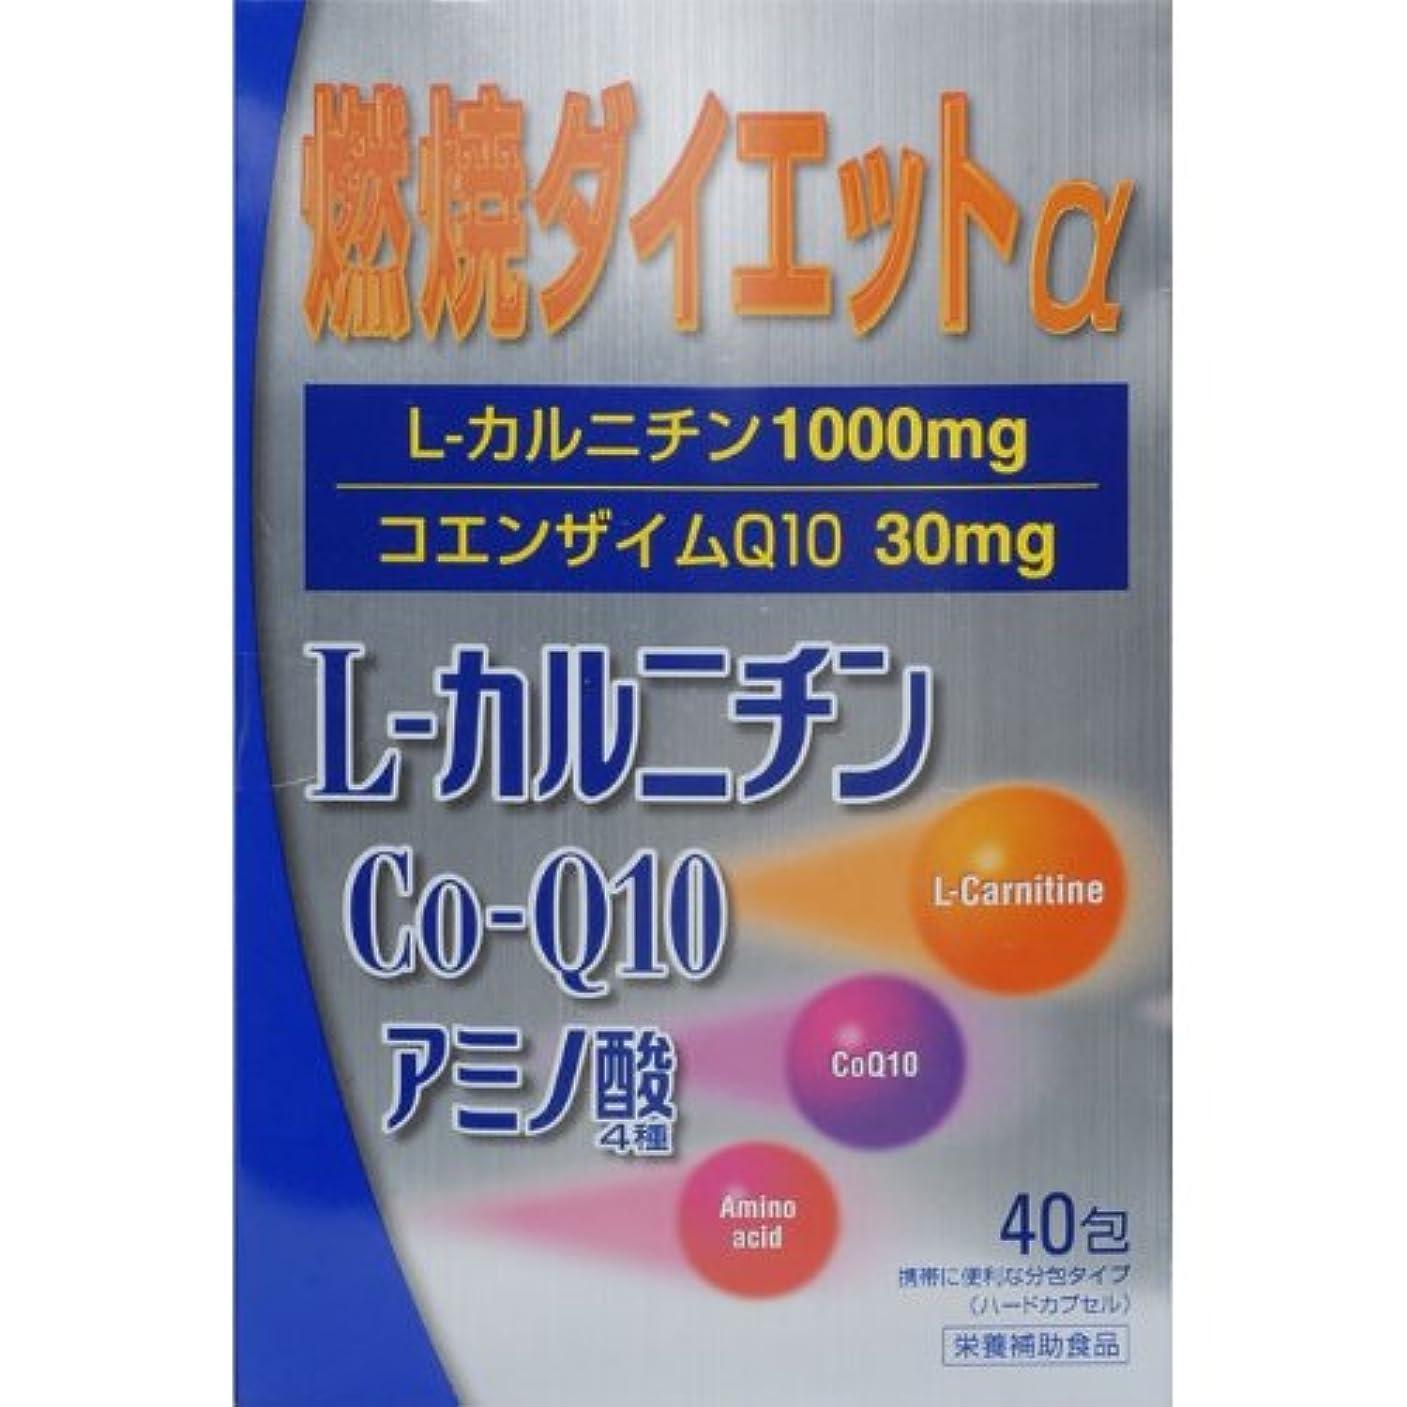 有効戻す容器燃焼ダイエットL‐カルニチンα 40包